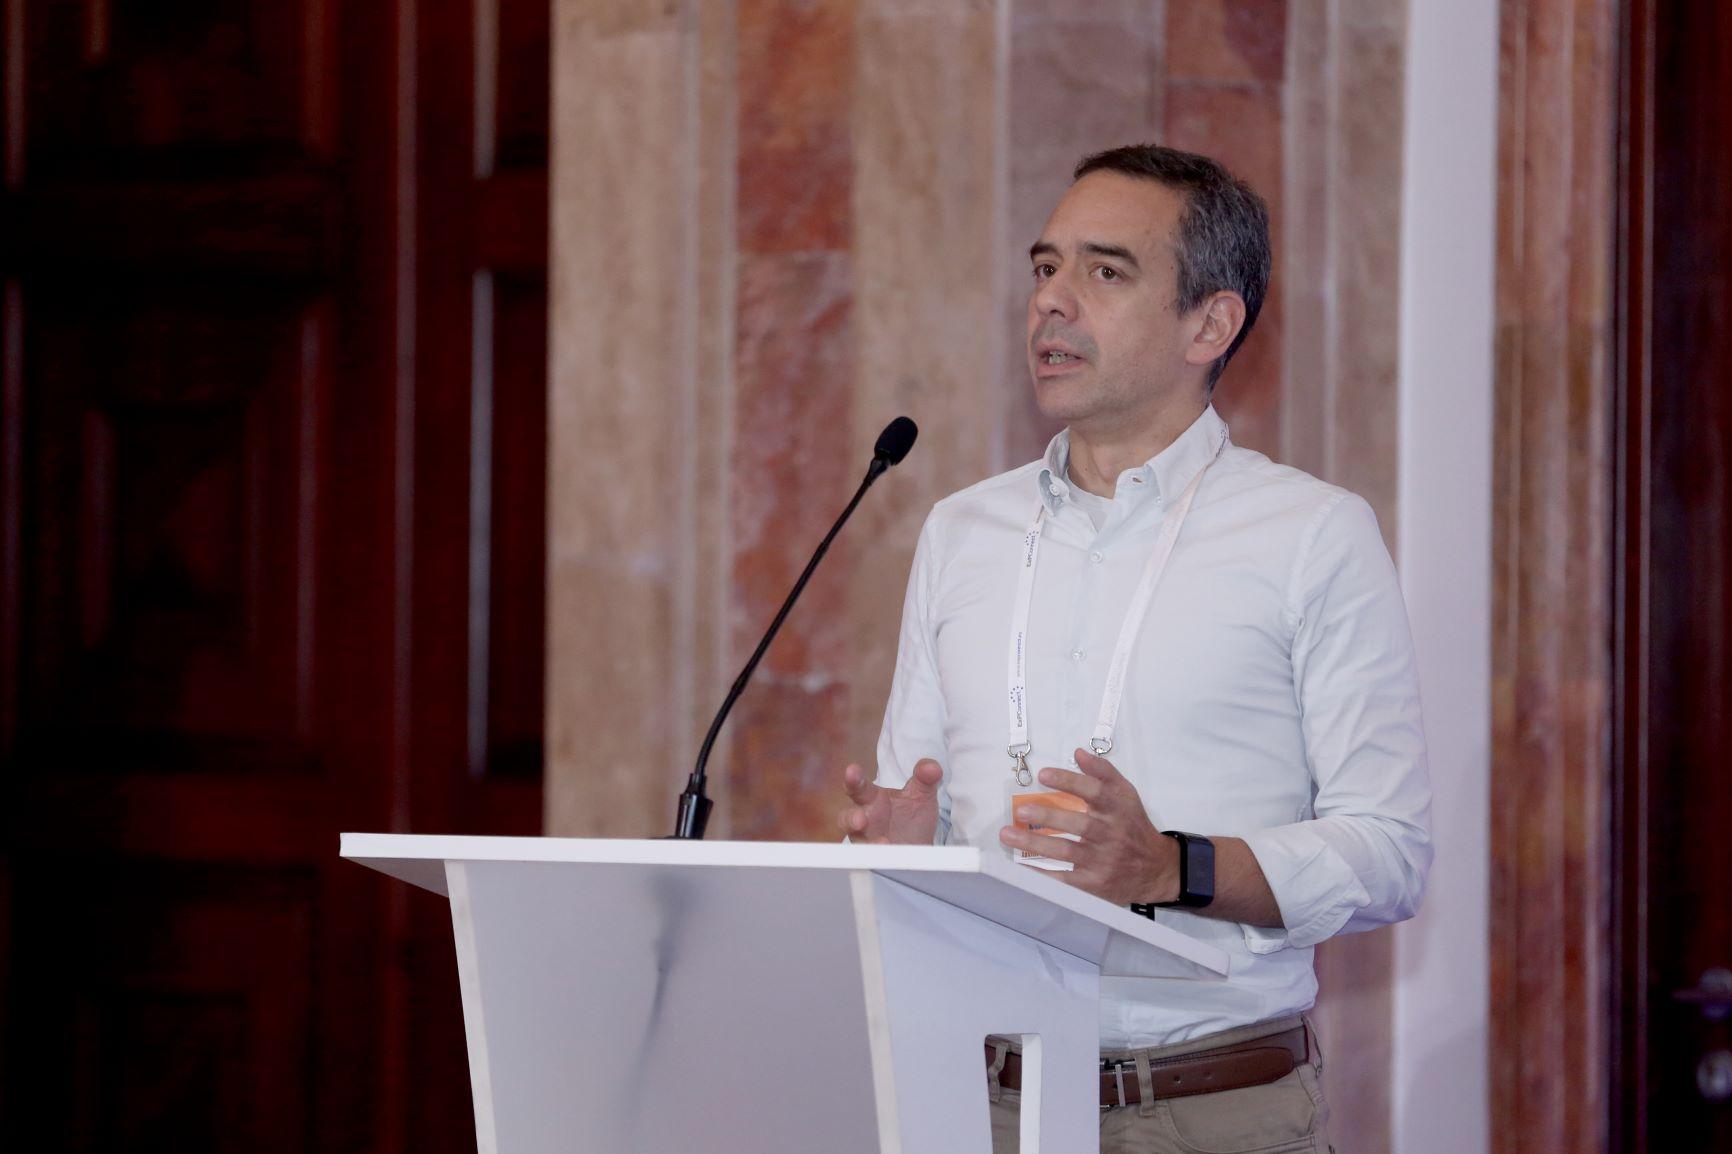 Хав'єр Куінтерос працює  в сейсмологічному дата-центрі